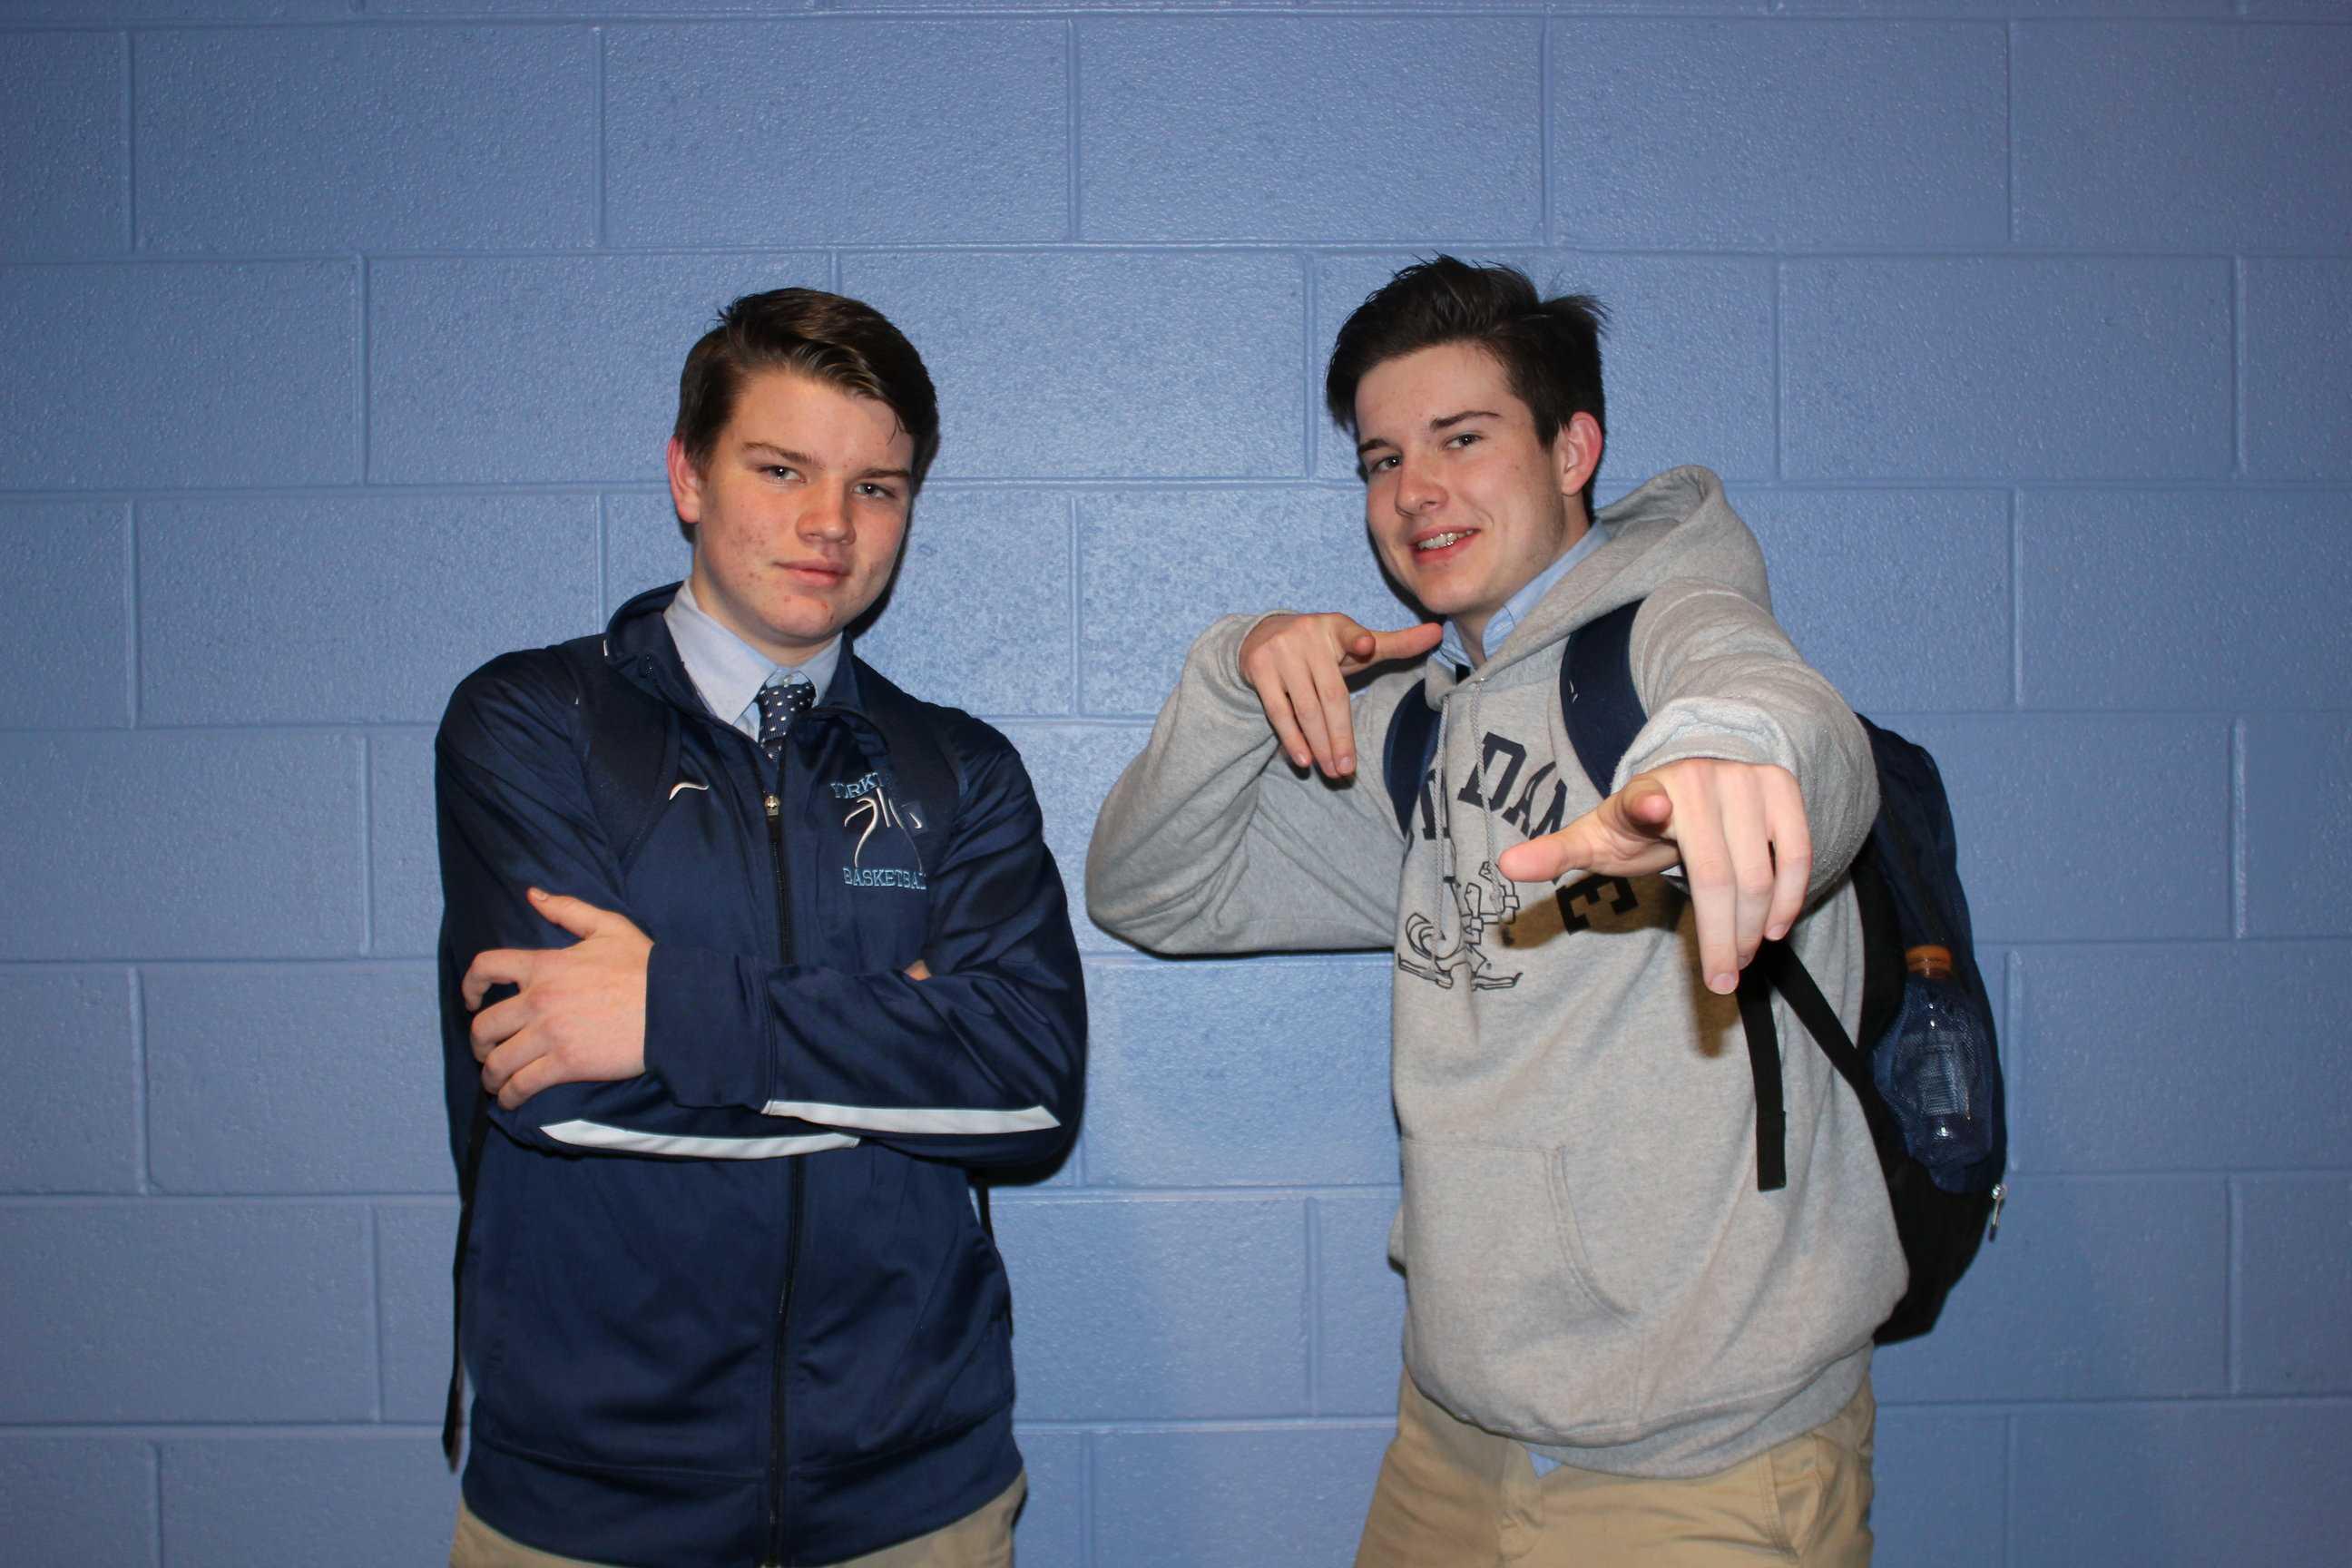 Sophomore Ryan Van Kirk and Senior Connor Van Kirk, are both on the varsity basketball team